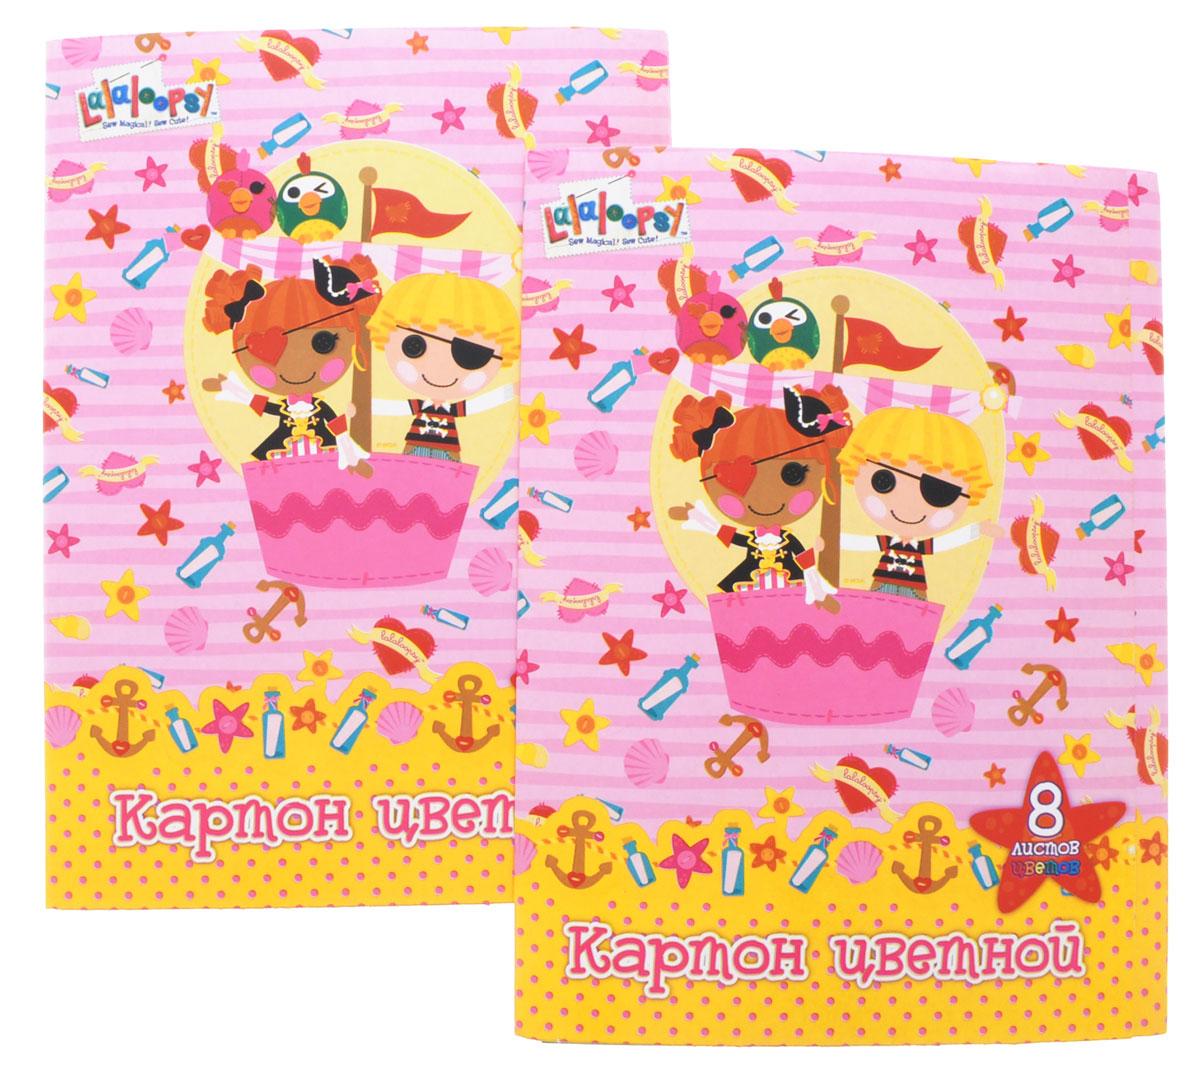 Action! Набор цветного картона Lalaloopsy 8 листов цвет розовый 2 штLL-CC-8/8Набор цветного картона Action! Lalaloopsy позволит создавать всевозможные аппликации и поделки.Набор упакован в картонную папку с изображением персонажей мультфильма Лалалупси. Создание поделок из цветного картона позволяет ребенку развивать творческие способности, кроме того, это увлекательный досуг.Одна папка содержит 8 листов цветного картона. Цвета: красный, желтый, синий, оранжевый, коричневый, черный, зеленый, белый. В набор входят две папки.Уважаемые клиенты!Обращаем ваше внимание на возможные изменения в дизайне, связанные с ассортиментом продукции: дизайн может отличаться от представленного на изображении. Поставка осуществляется в зависимости от наличия на складе.